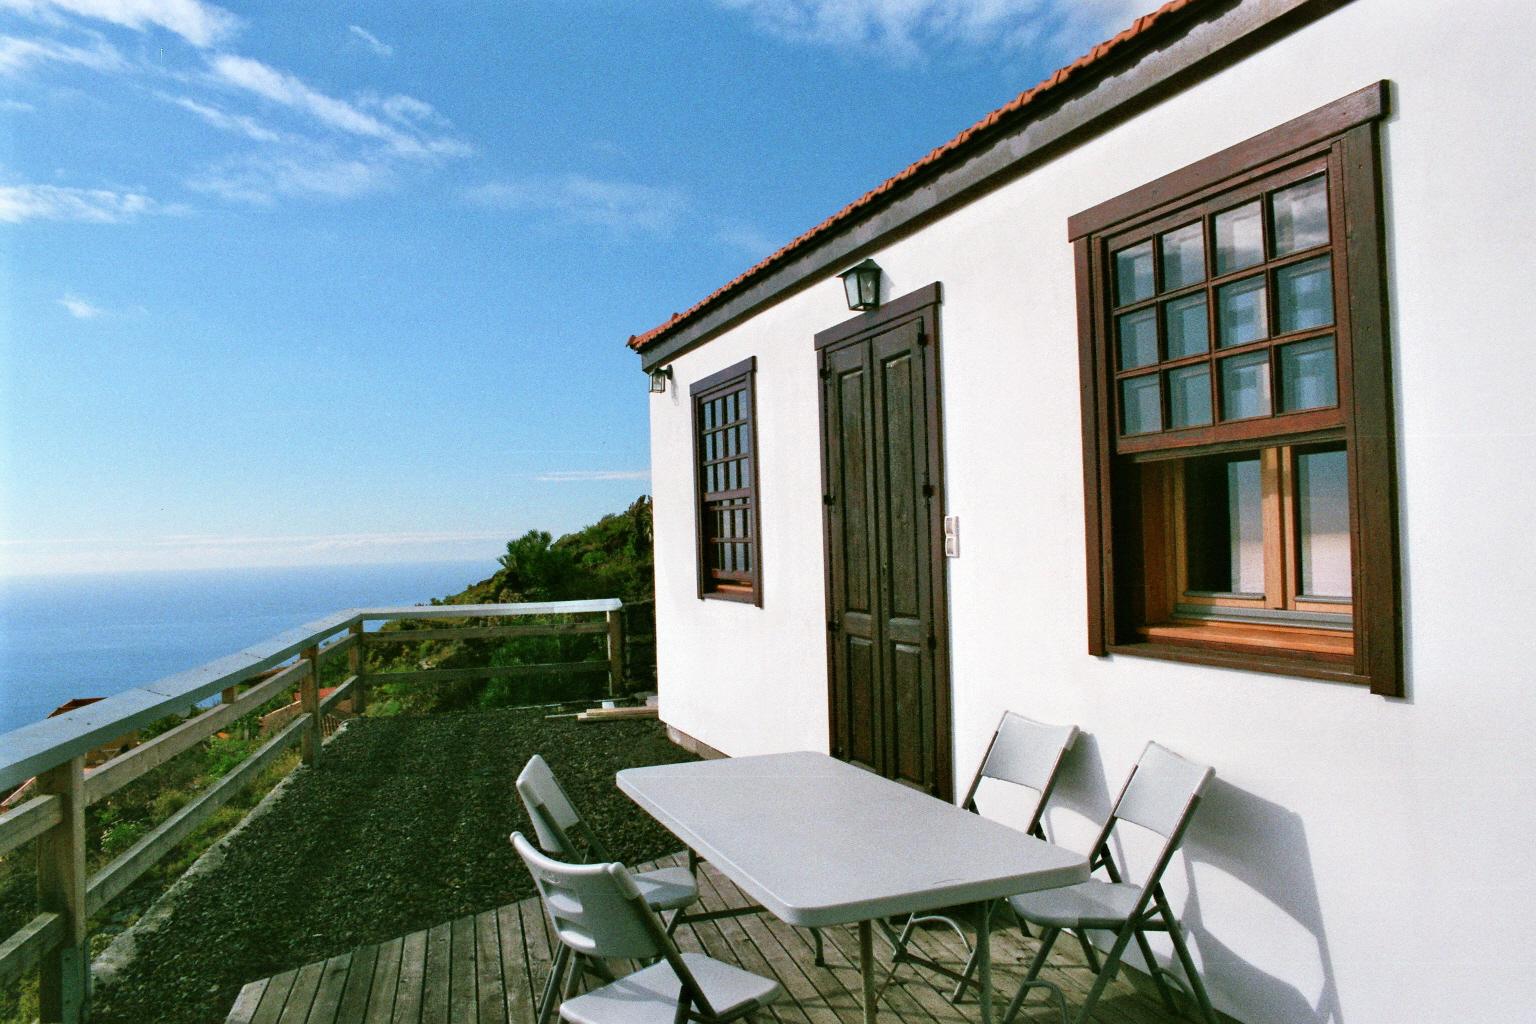 Casa Mirador - Terrasse - Las Indias - La Palma